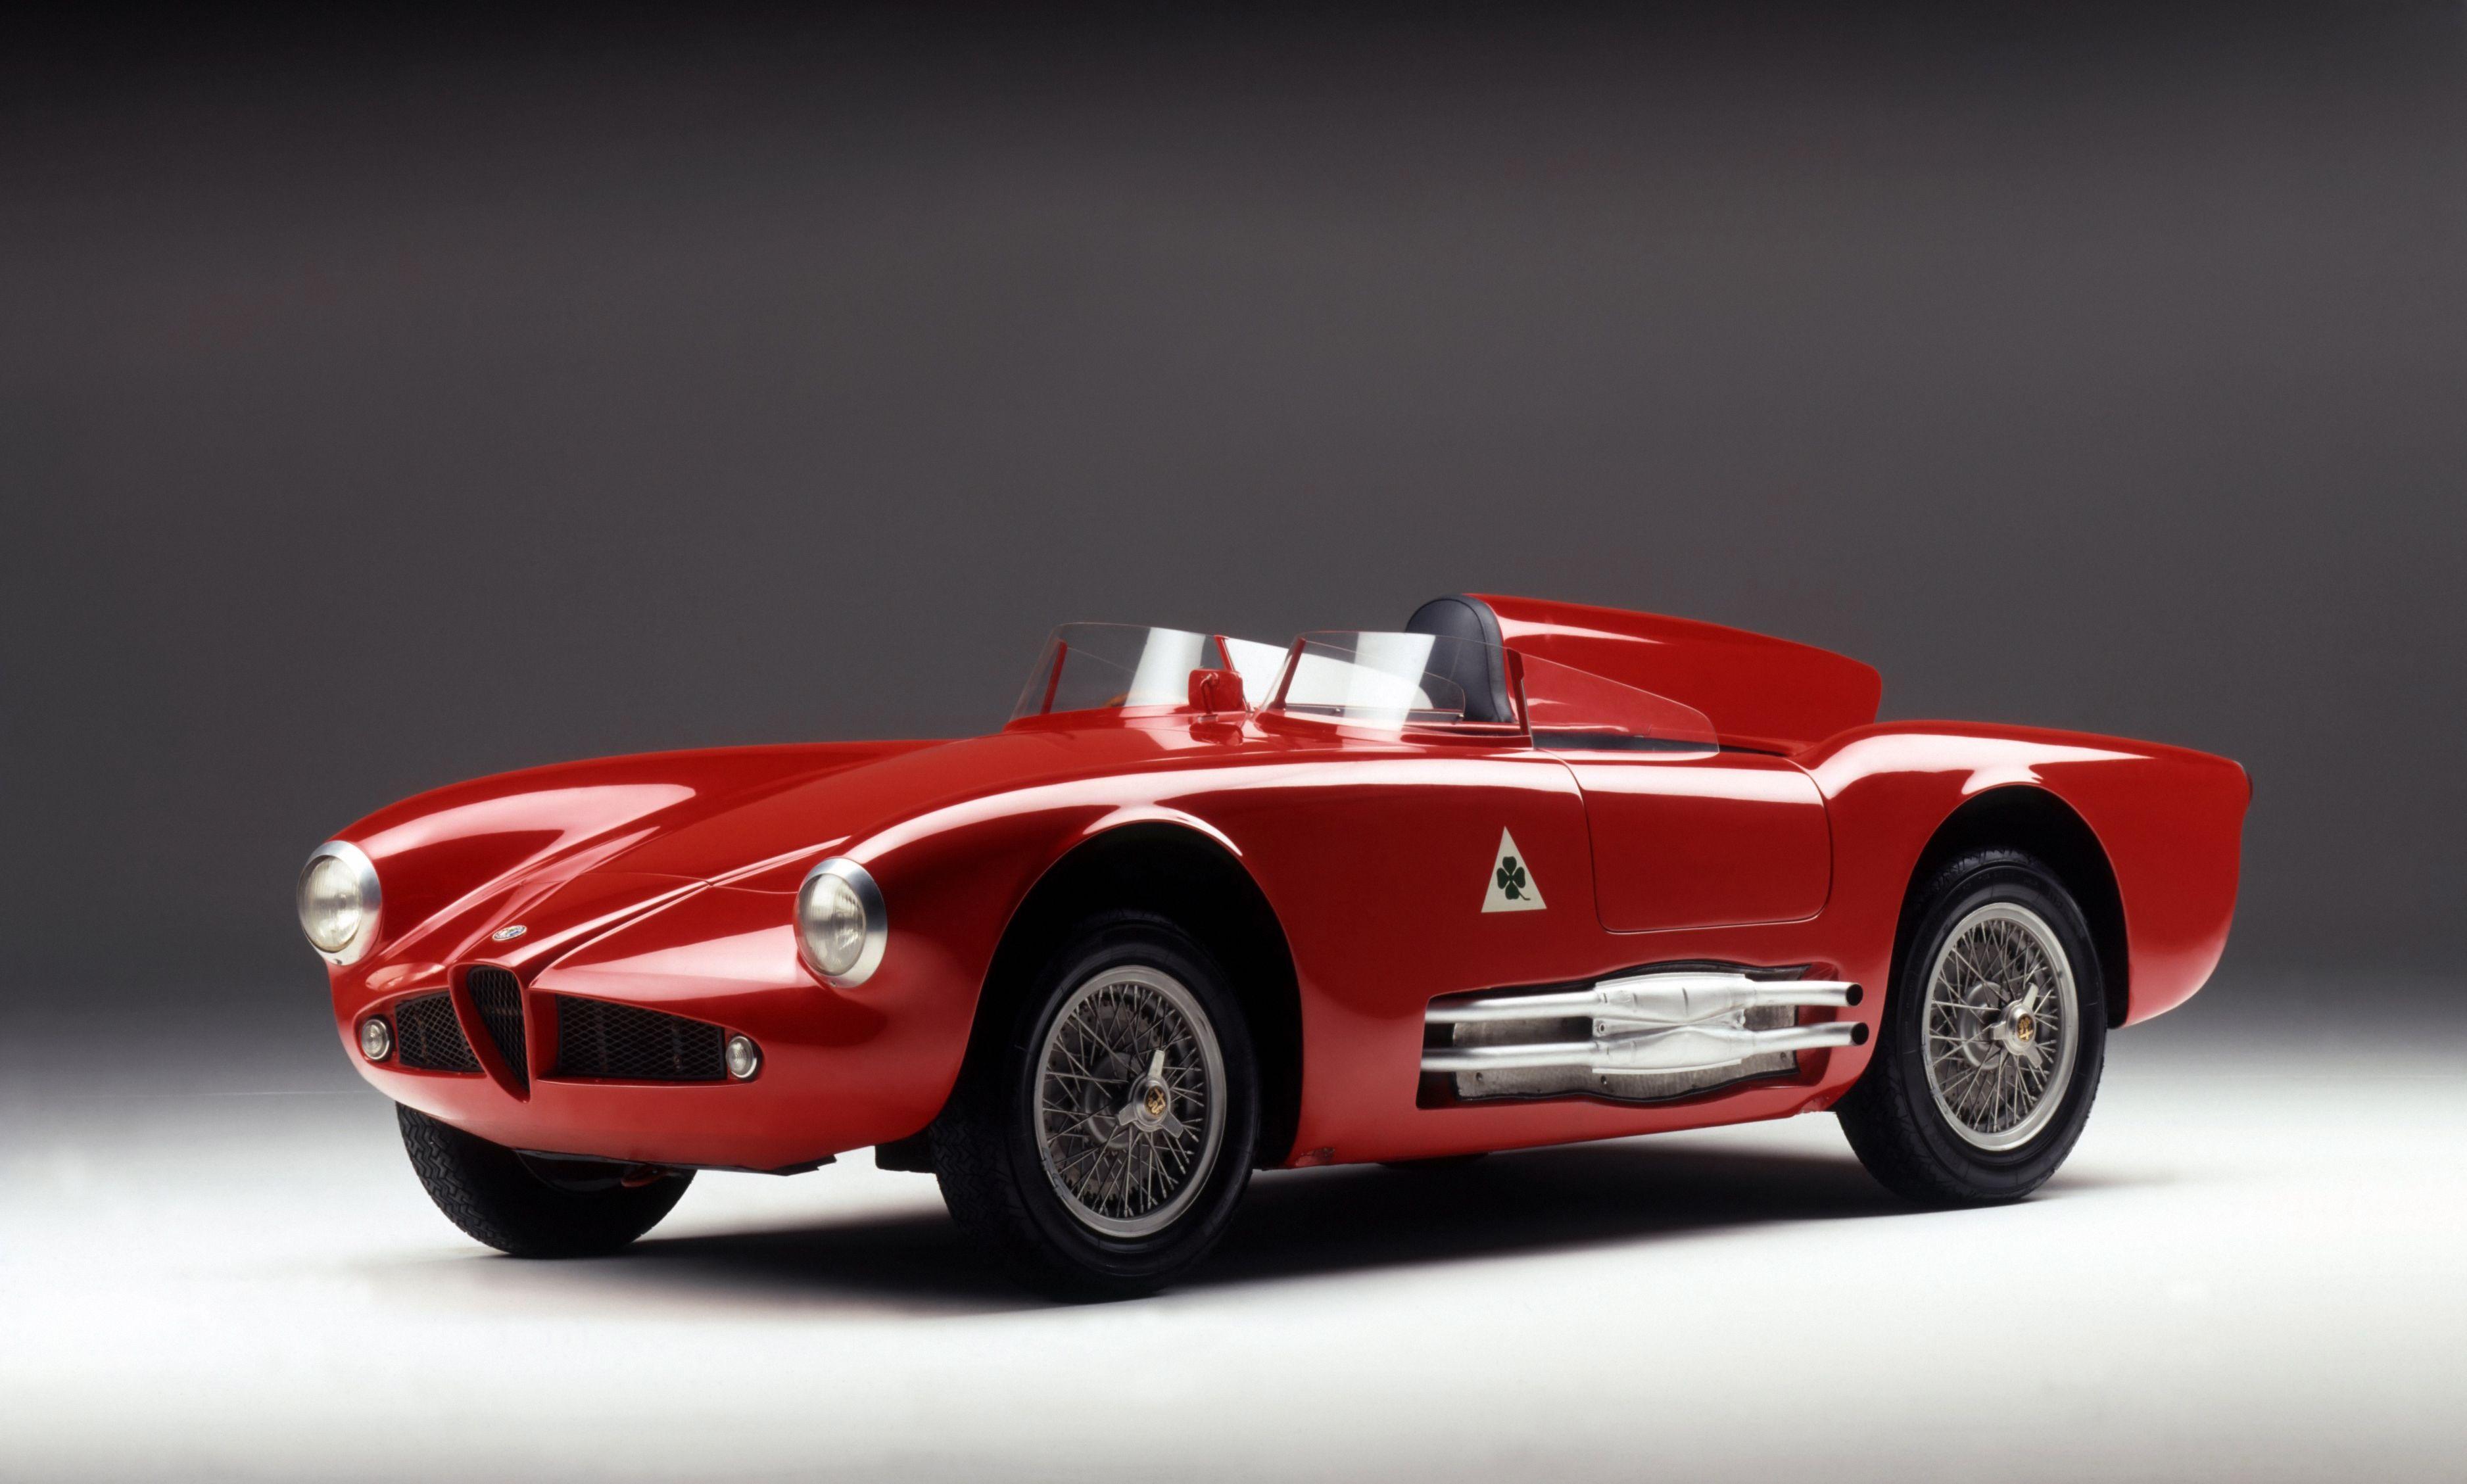 1955 Alfa Romeo 750 Competizione